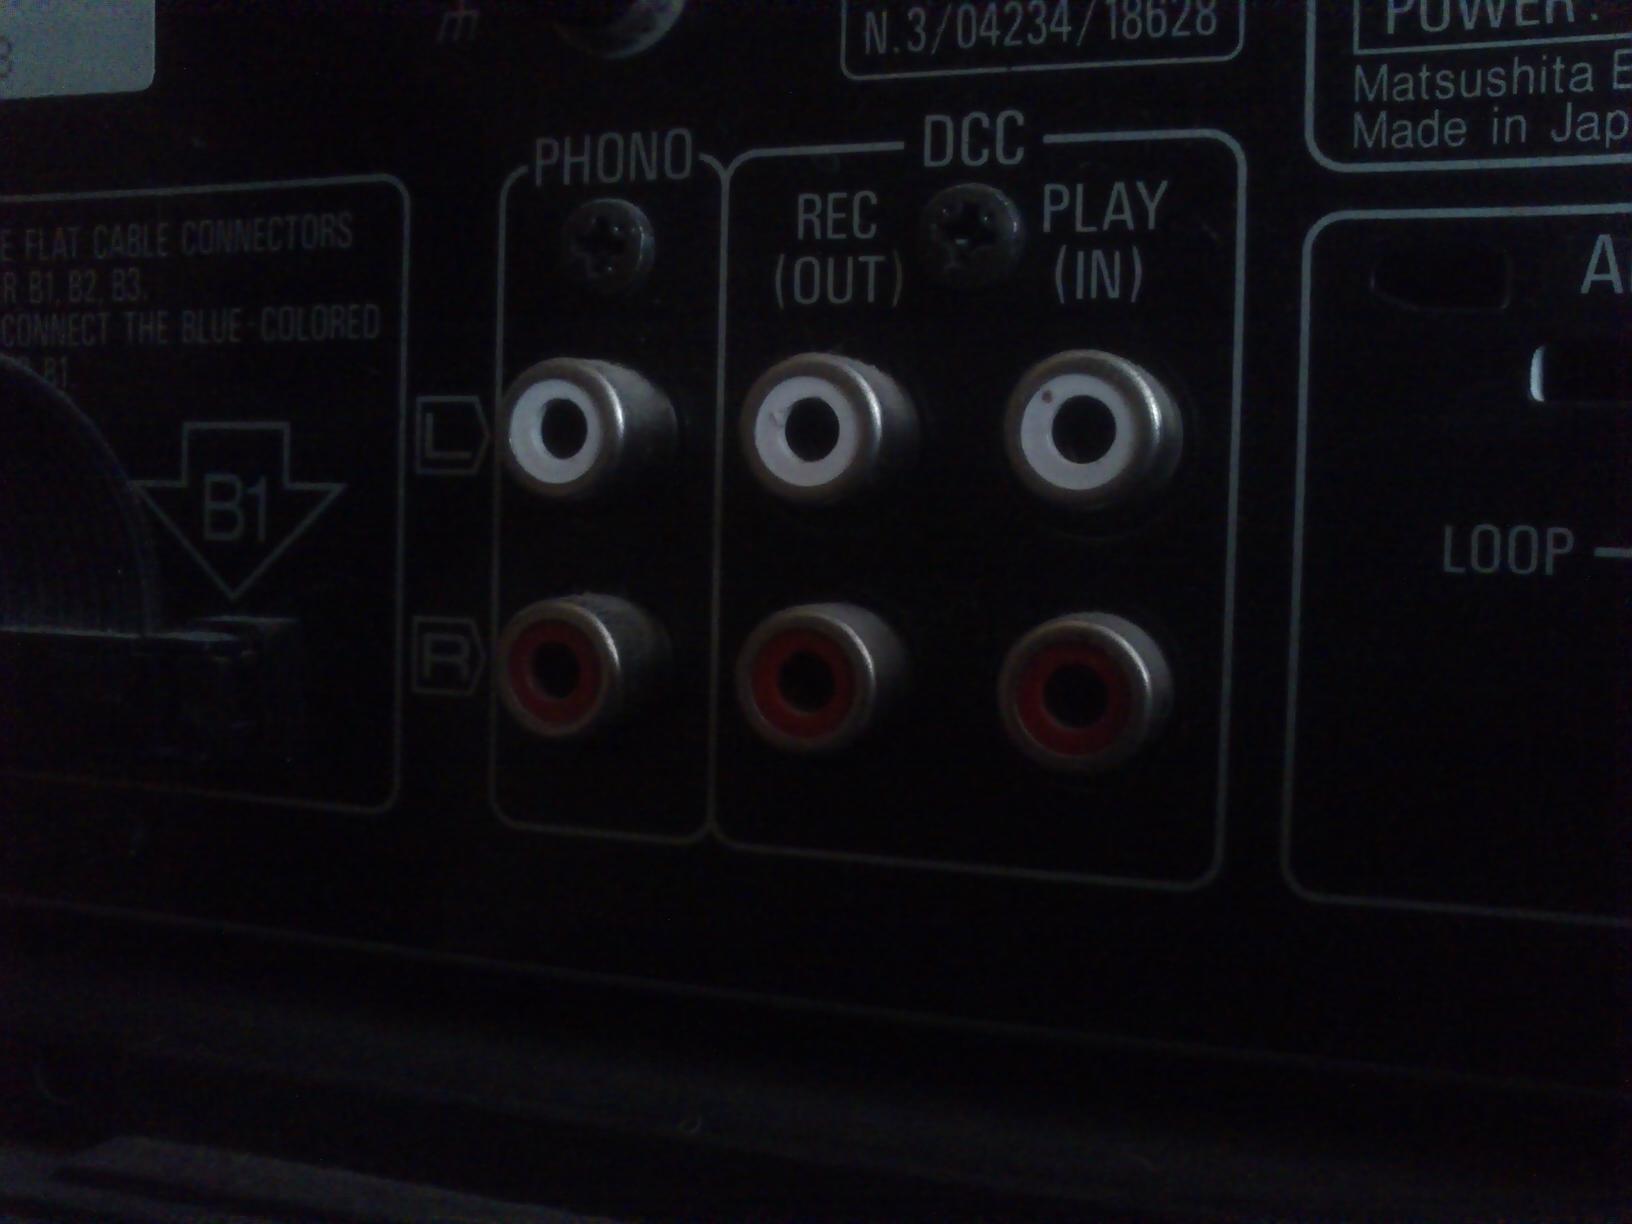 Trzeszcz� g�o�niki wie�y Technics SE-CH505a pod��czone do telewizora Panasonic!